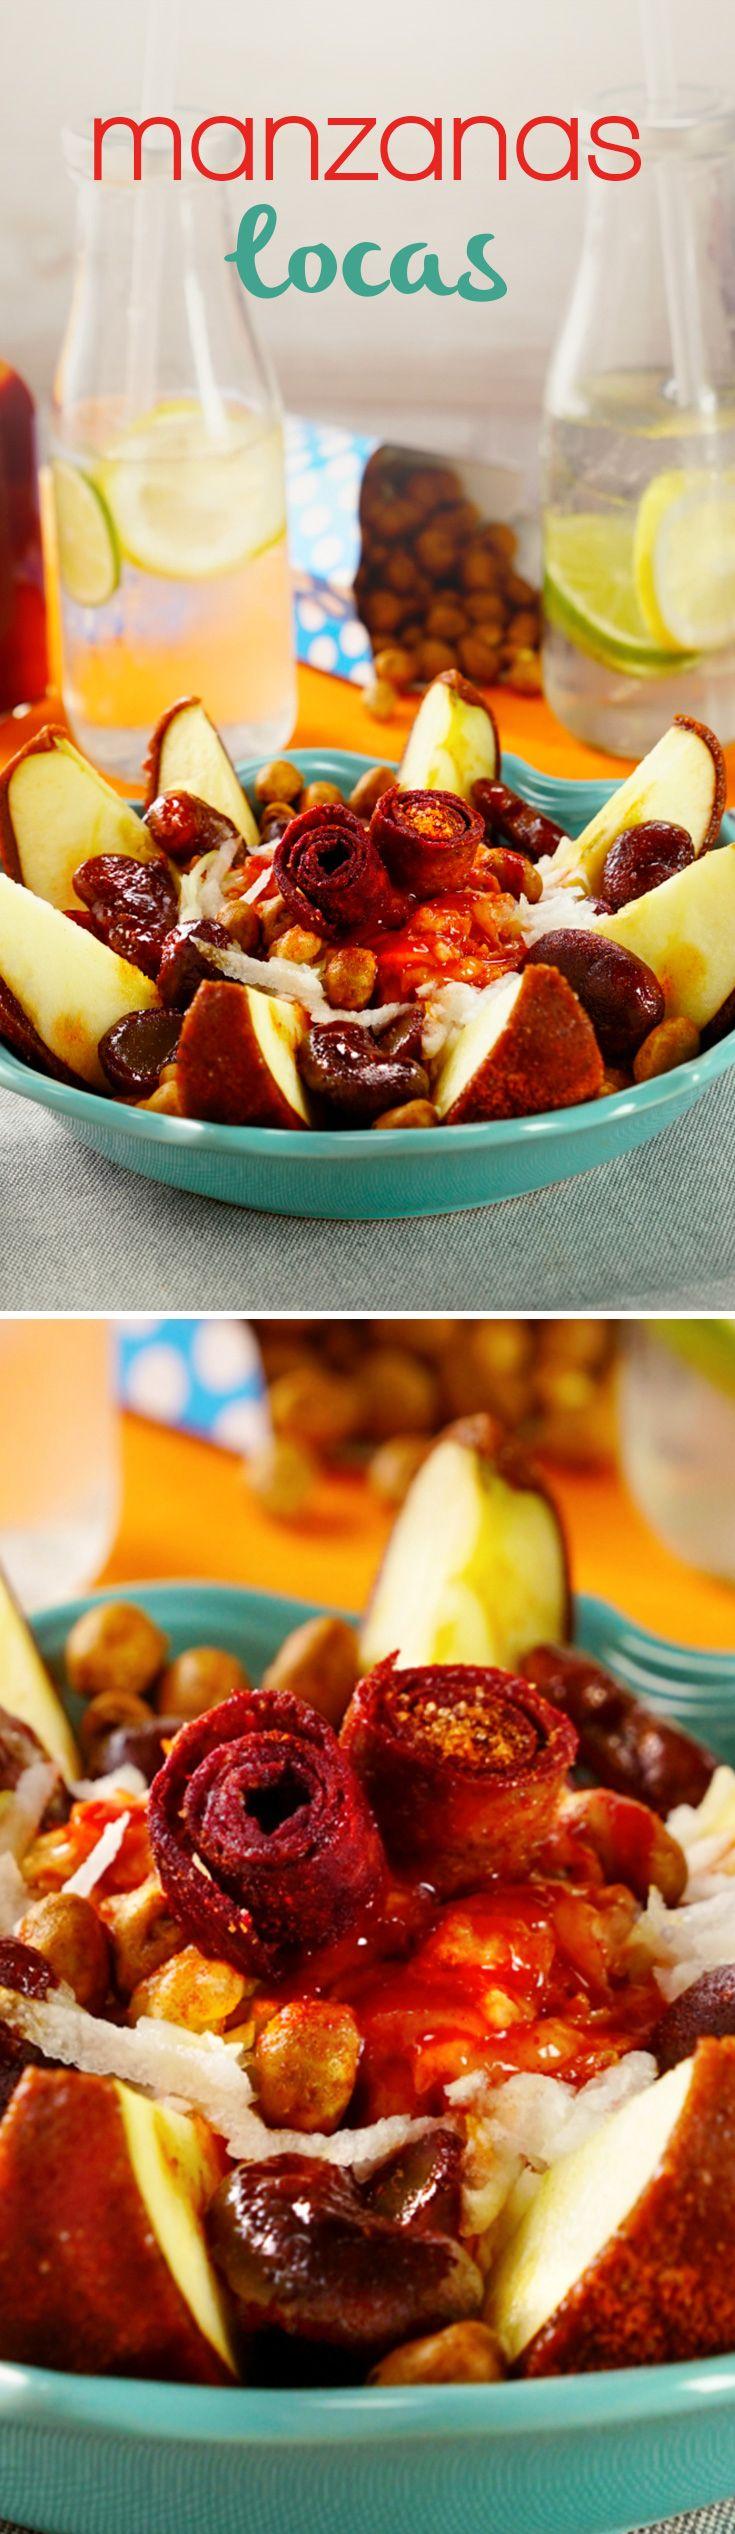 Te enseñamos cómo hacer manzanas cubiertas con chamoy utilizando láminas de tamarindo y tus dulces favoritos. Tus amigos quedarán fascinados con esta botana en el #superbowl